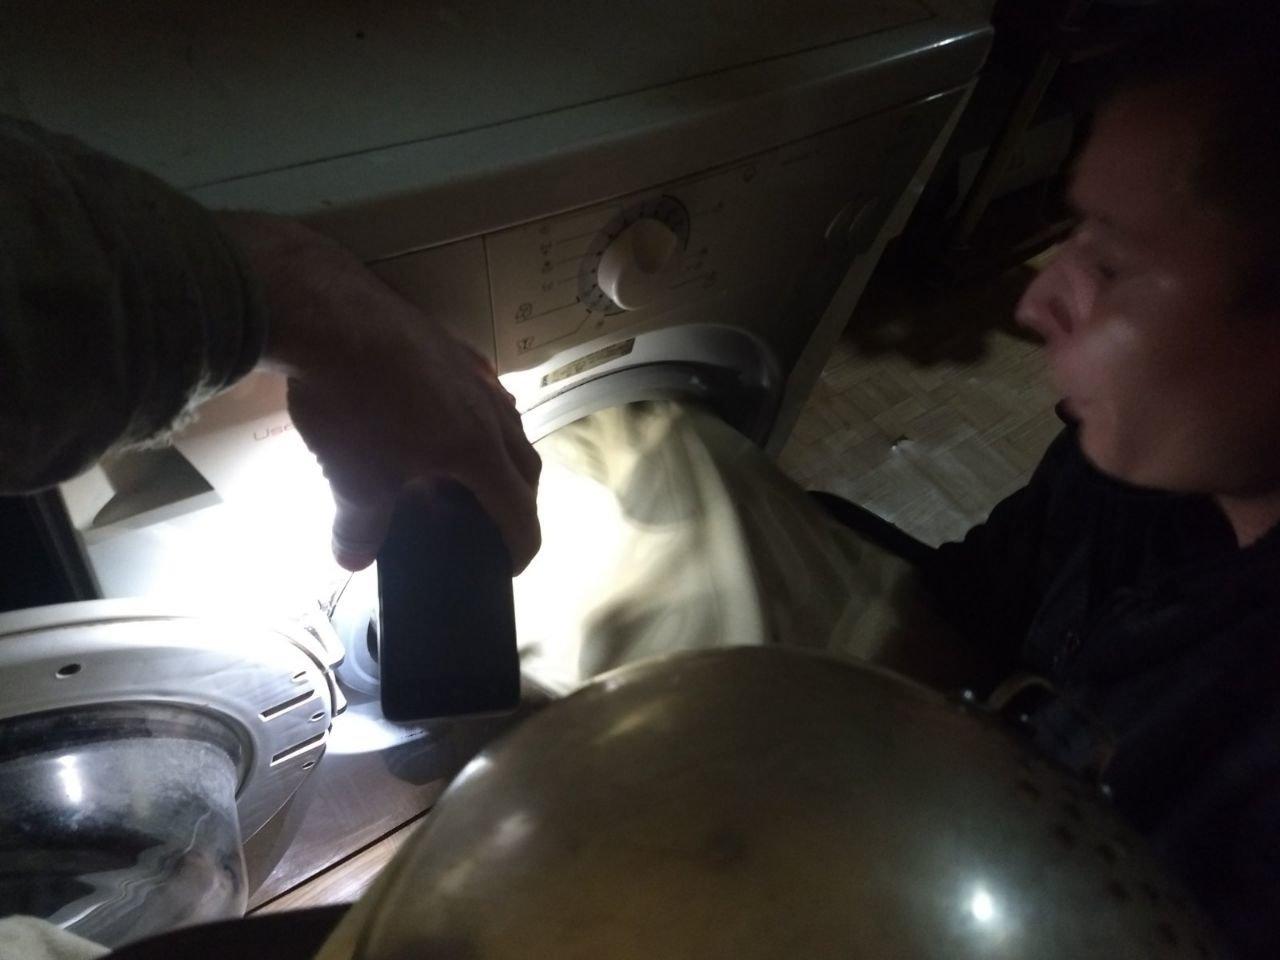 На Харьковщине спасатели помогли ребенку, который застрял в стиральной машине, - ФОТО, фото-1